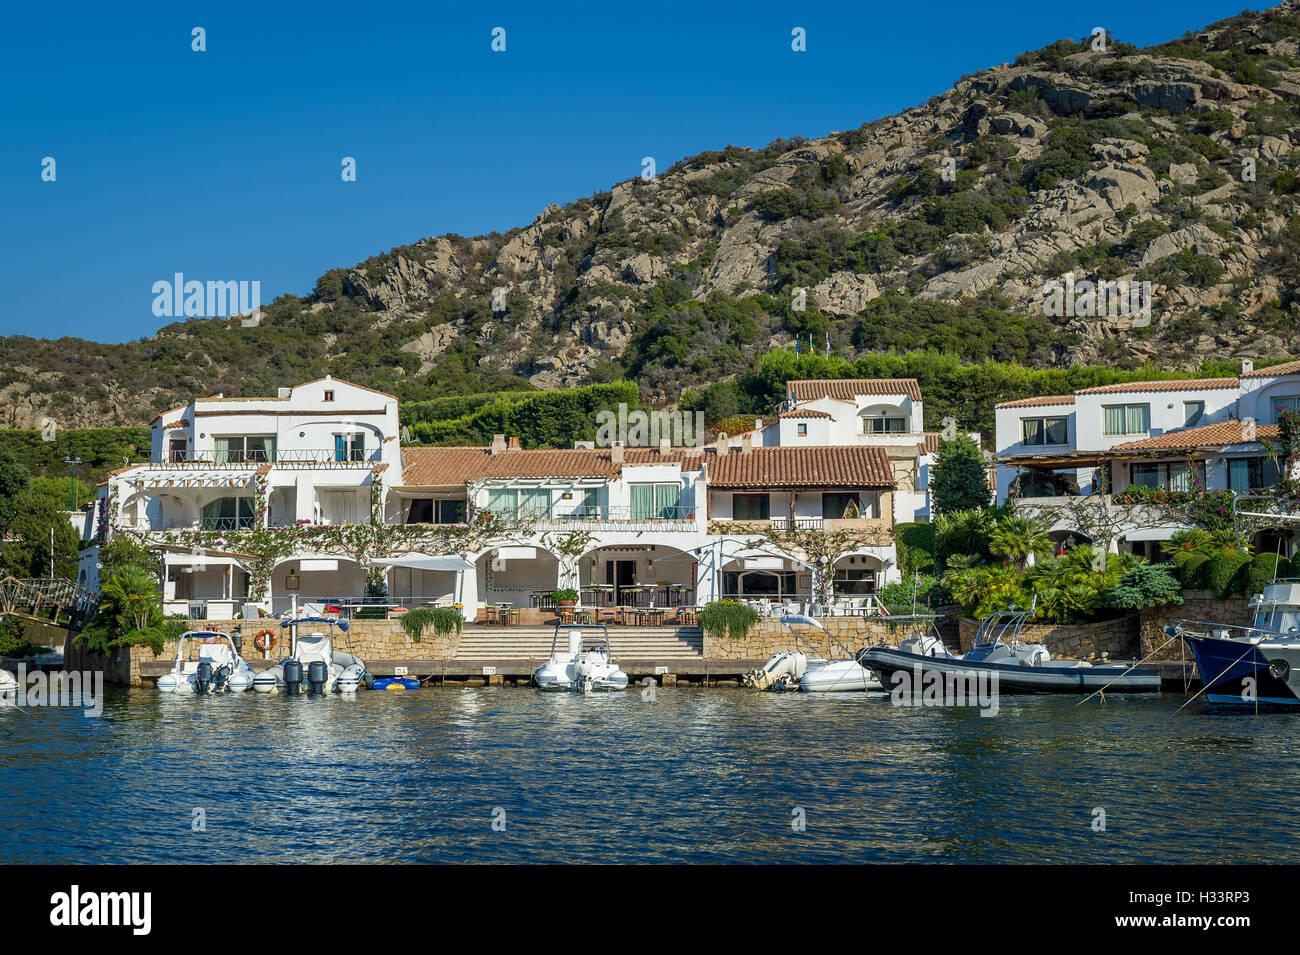 Poltu Quatu luxury resort villge pier, Sardinia - Stock Image